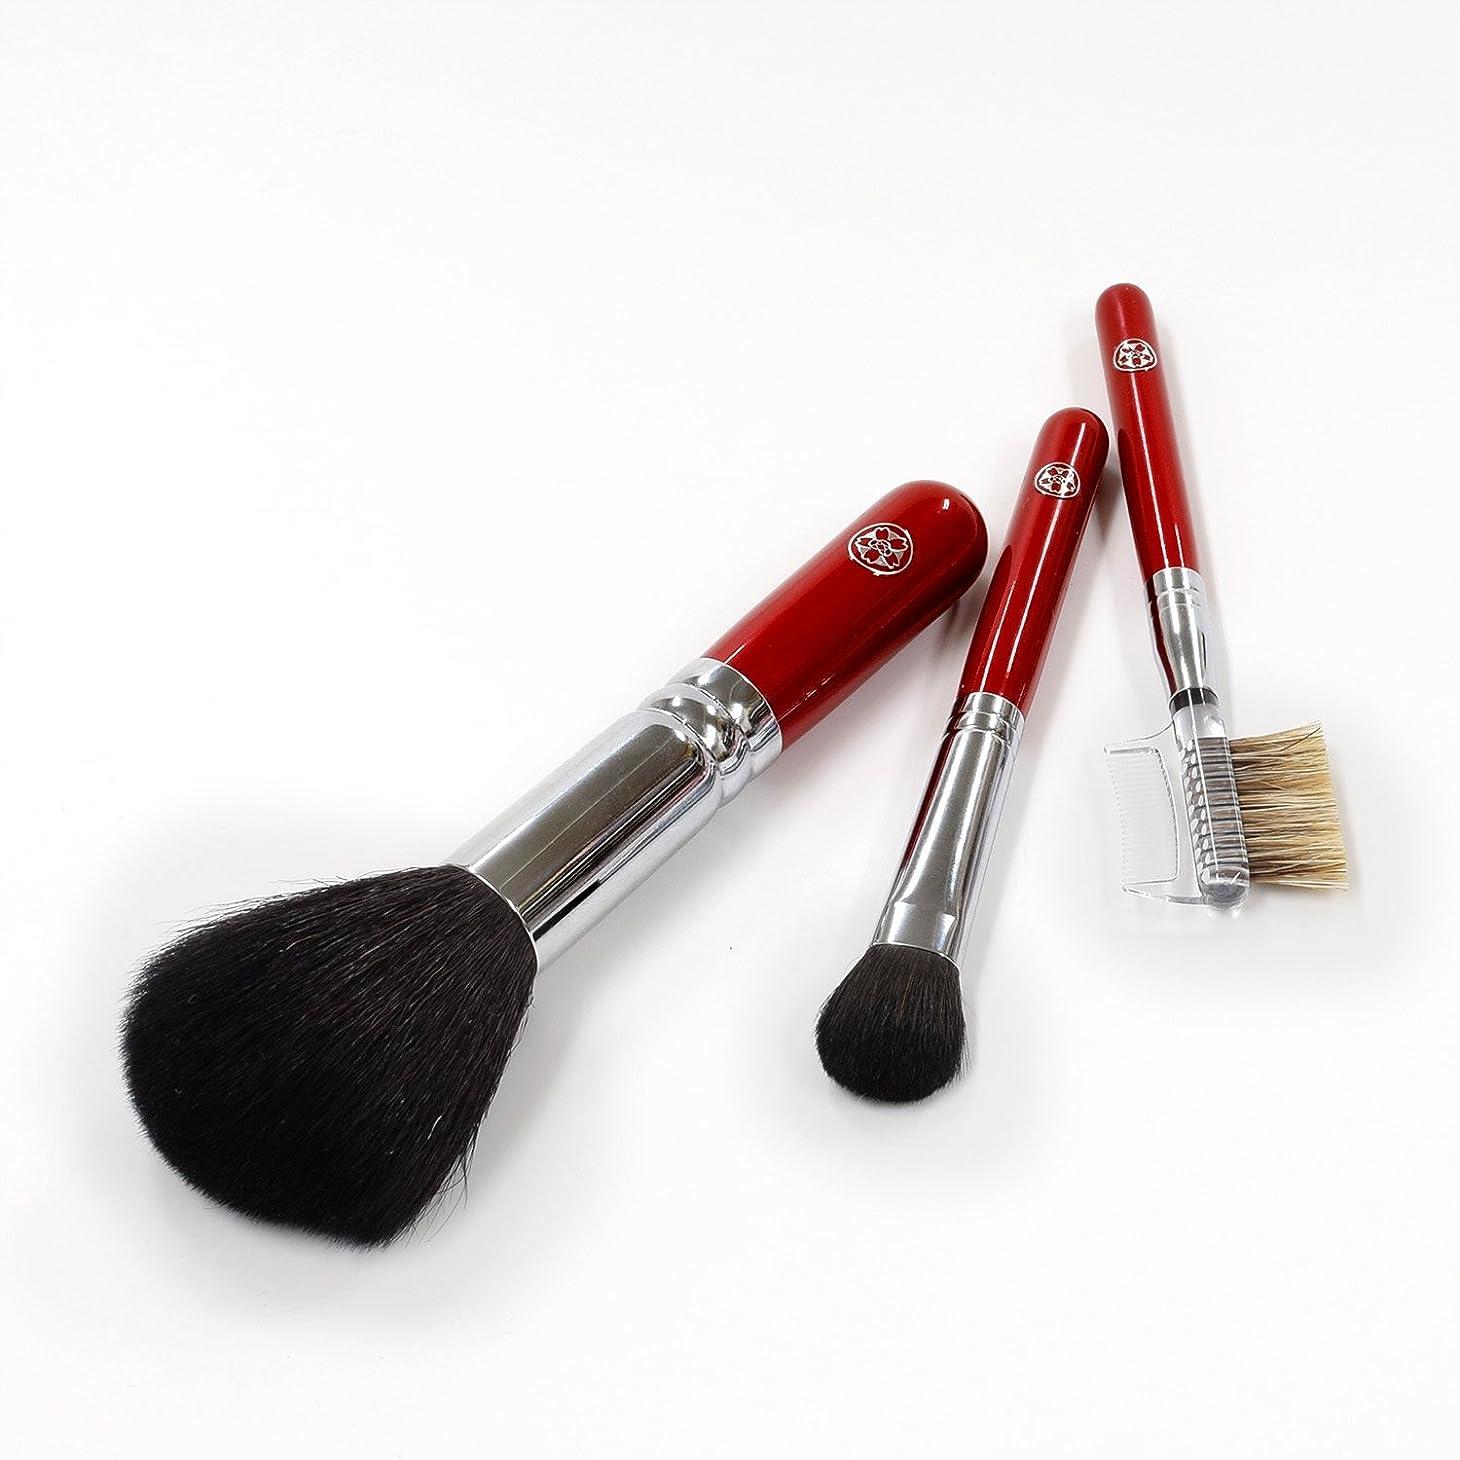 免疫情熱的販売計画ARRS-S3さくら筆 まずはこの3本から 基本の化粧筆 3本セット パウダー アイシャドー ブラシ&コーム 六角館さくら堂 ロゴ入り 女性の手になじみやすい赤軸ショートタイプ 熊野筆